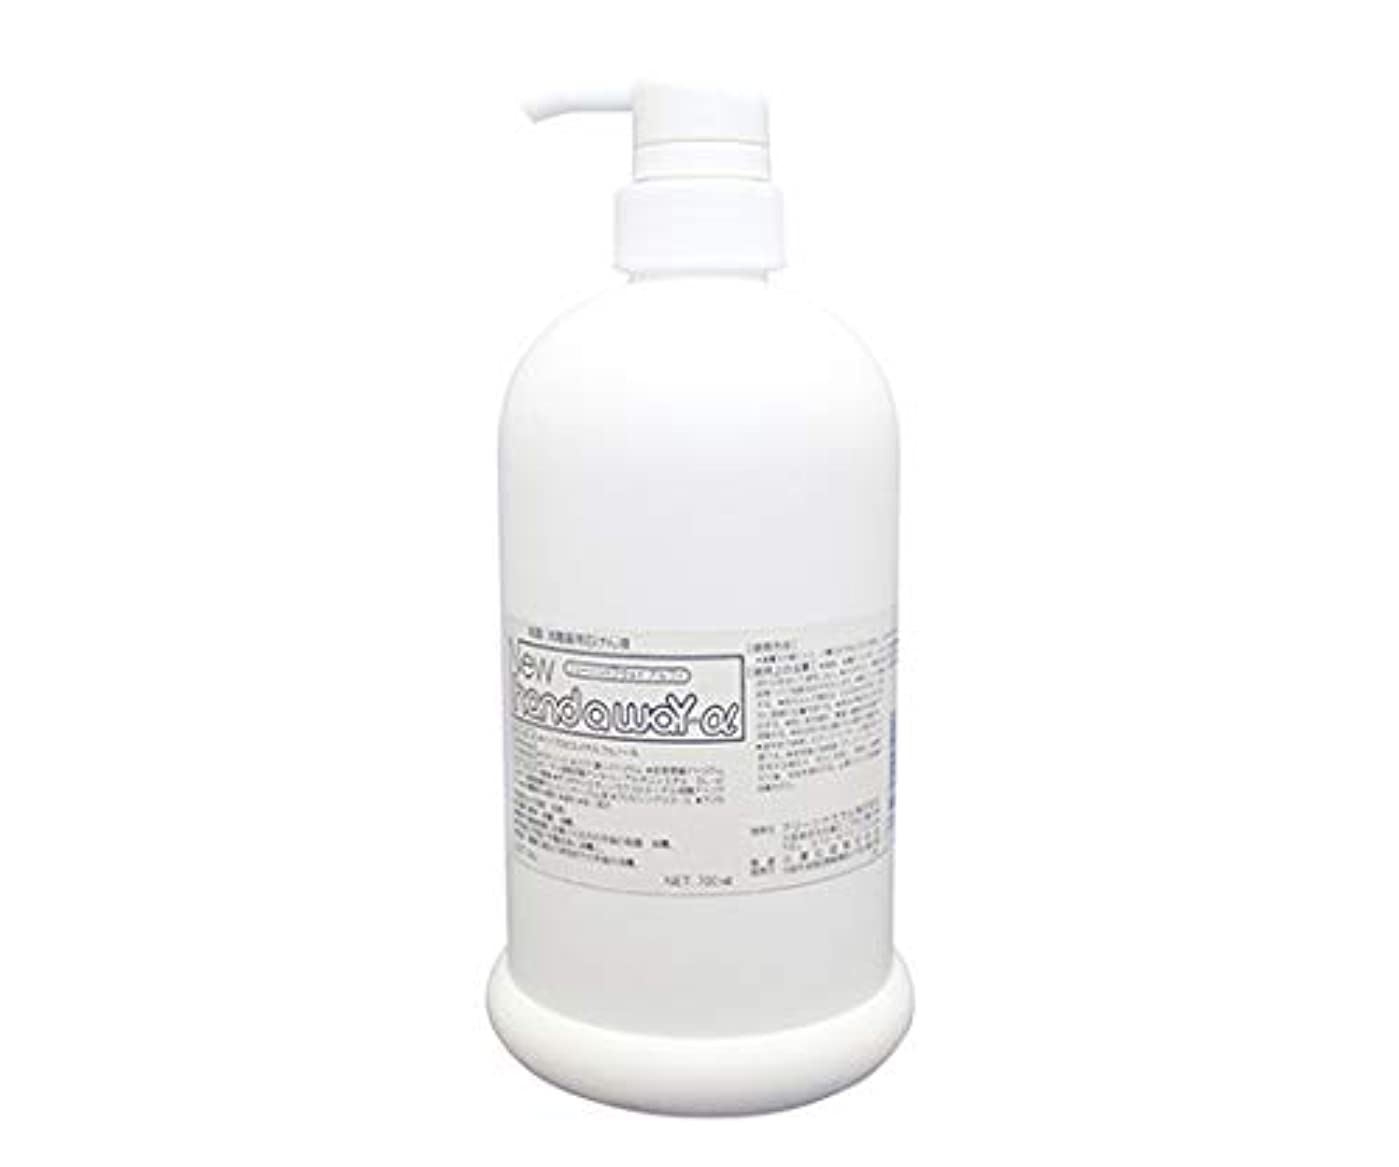 一杯マイクロプロセッサワゴン薬用石けん液 ニューハンドアウェイα ボトルタイプ 700mL